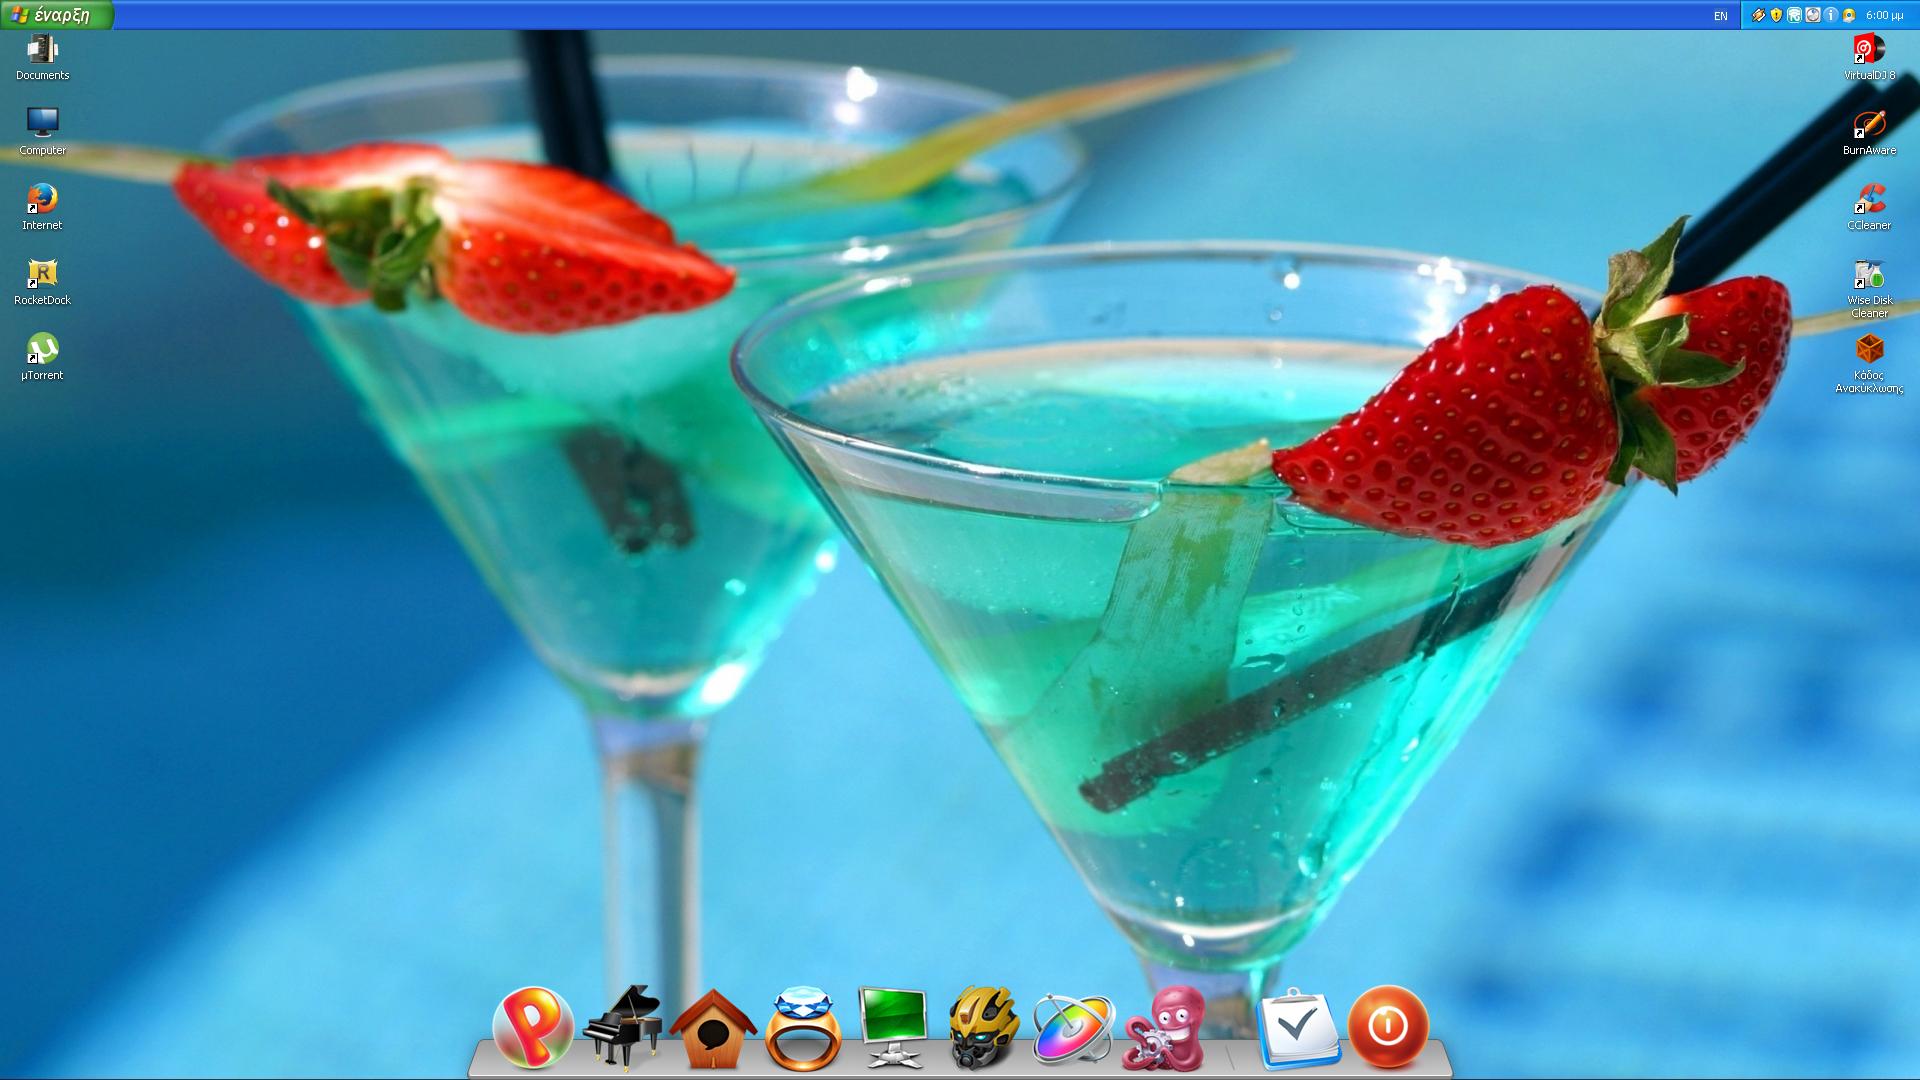 Desktop July 2015 by DjLuigi